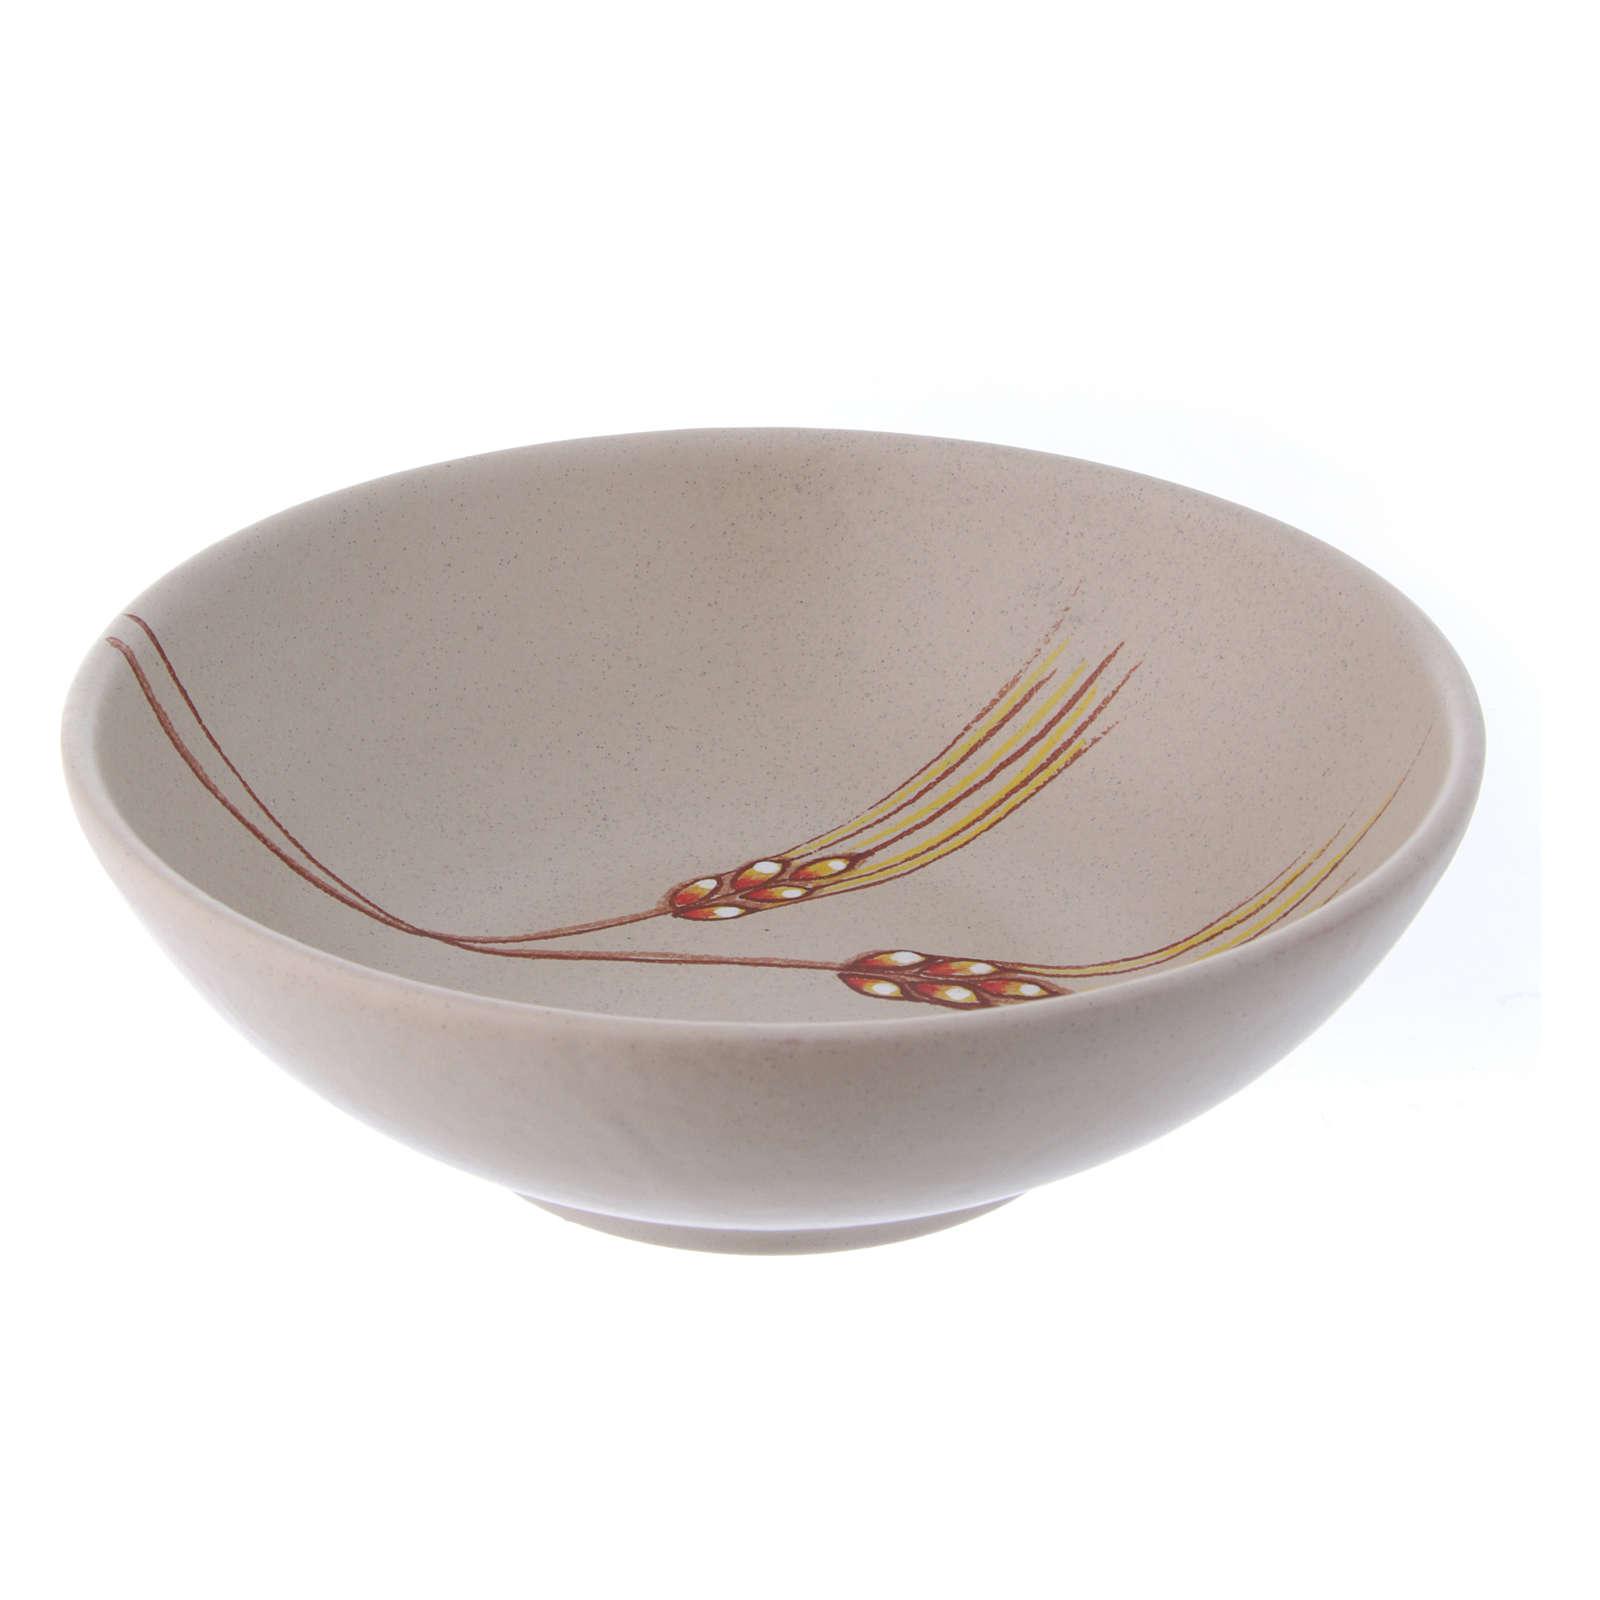 Ceramic paten 20 cm diameter 4